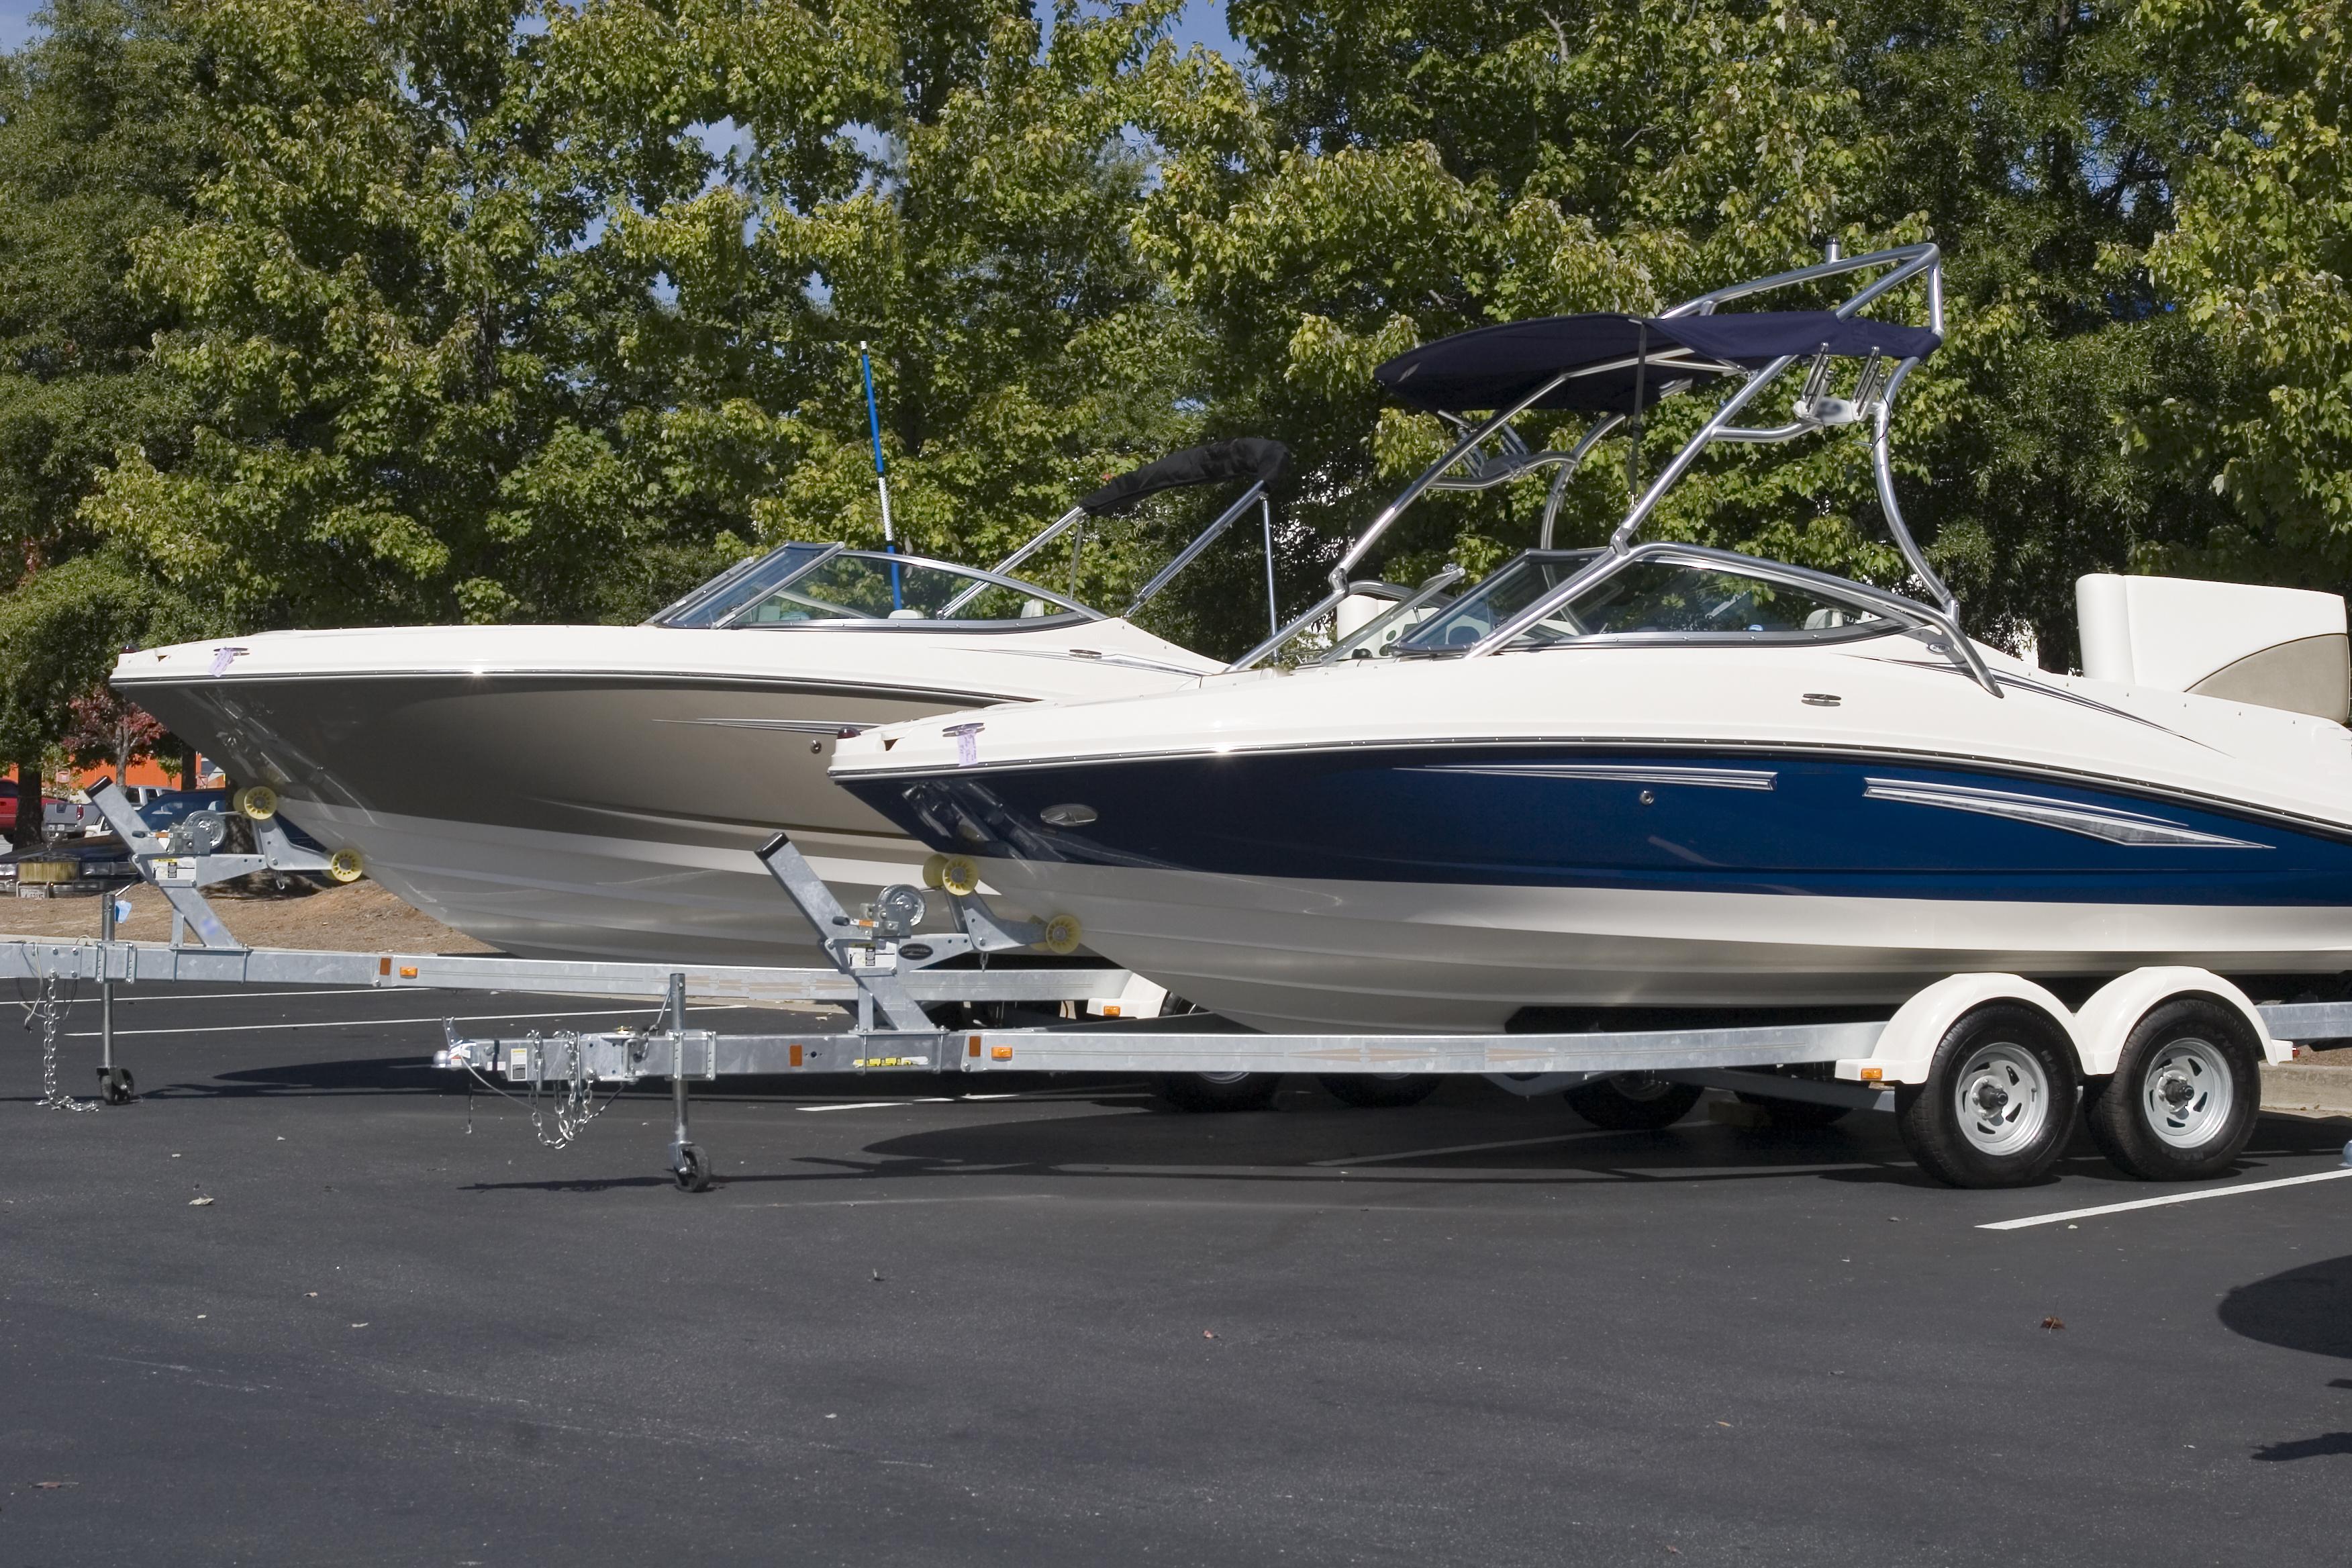 Boat Storage at MiniStorage